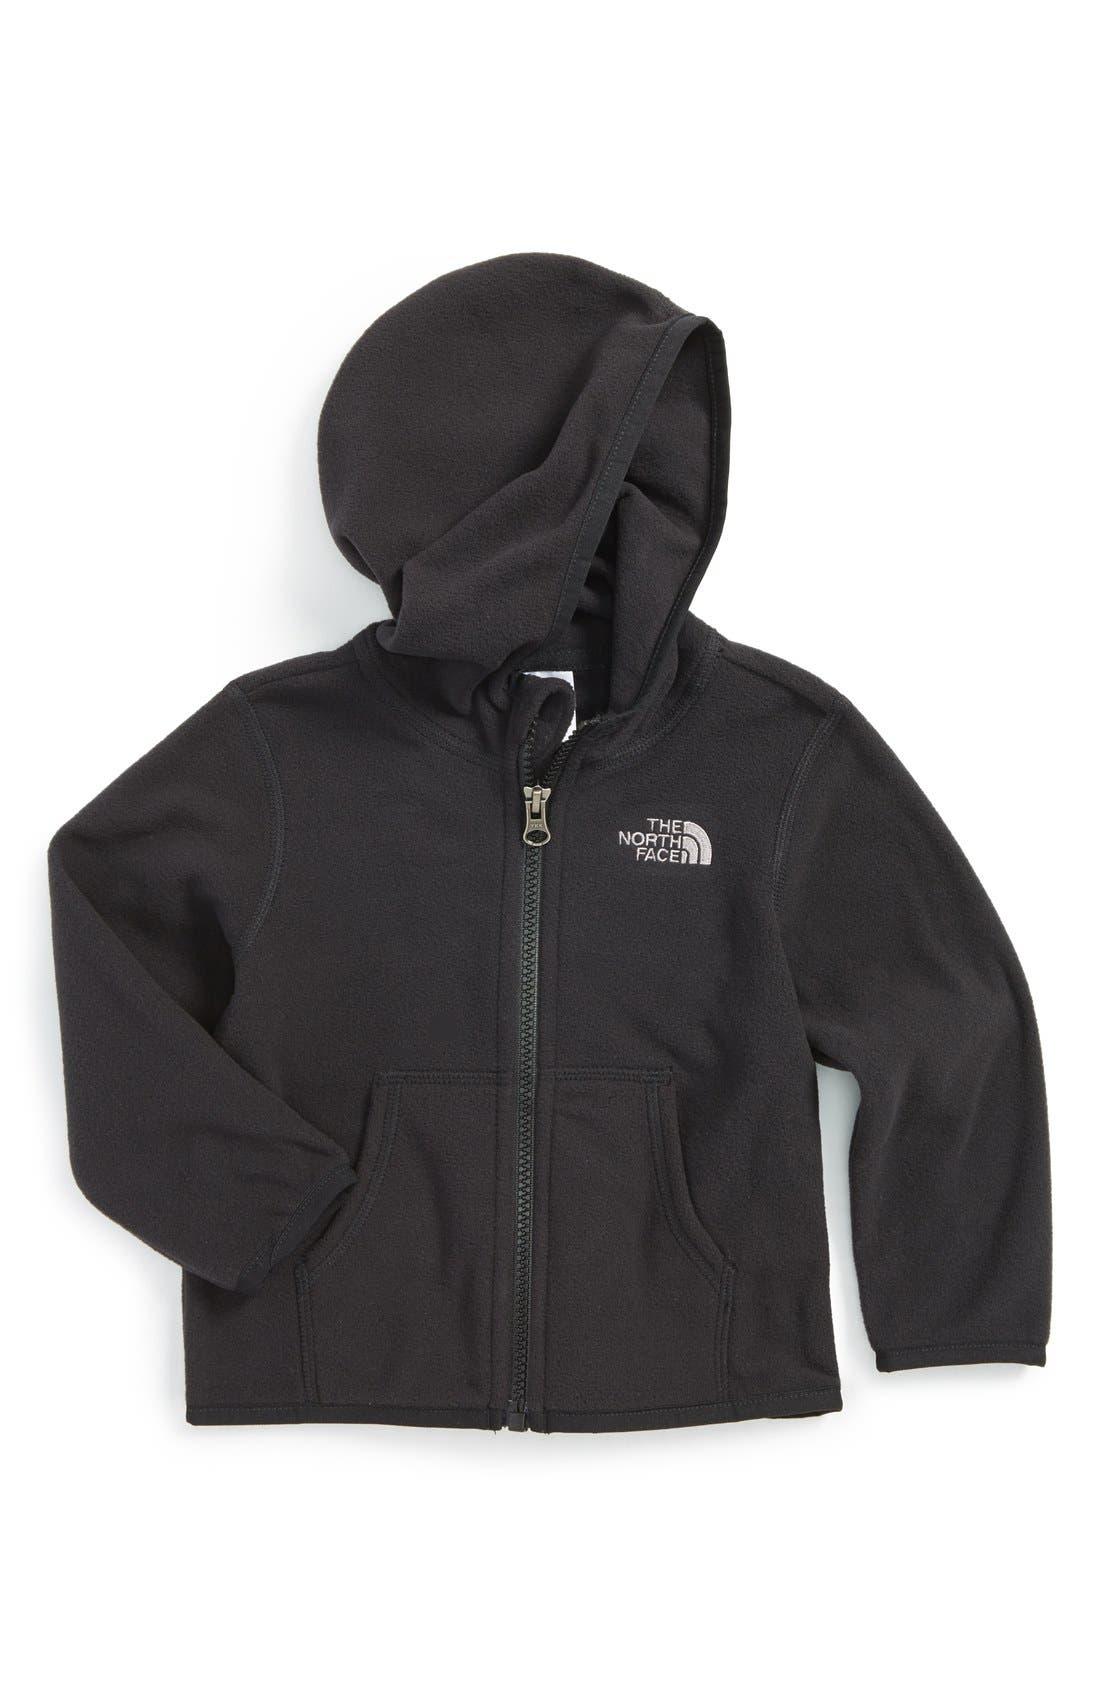 The North Face 'Glacier' Fleece Jacket (Baby)